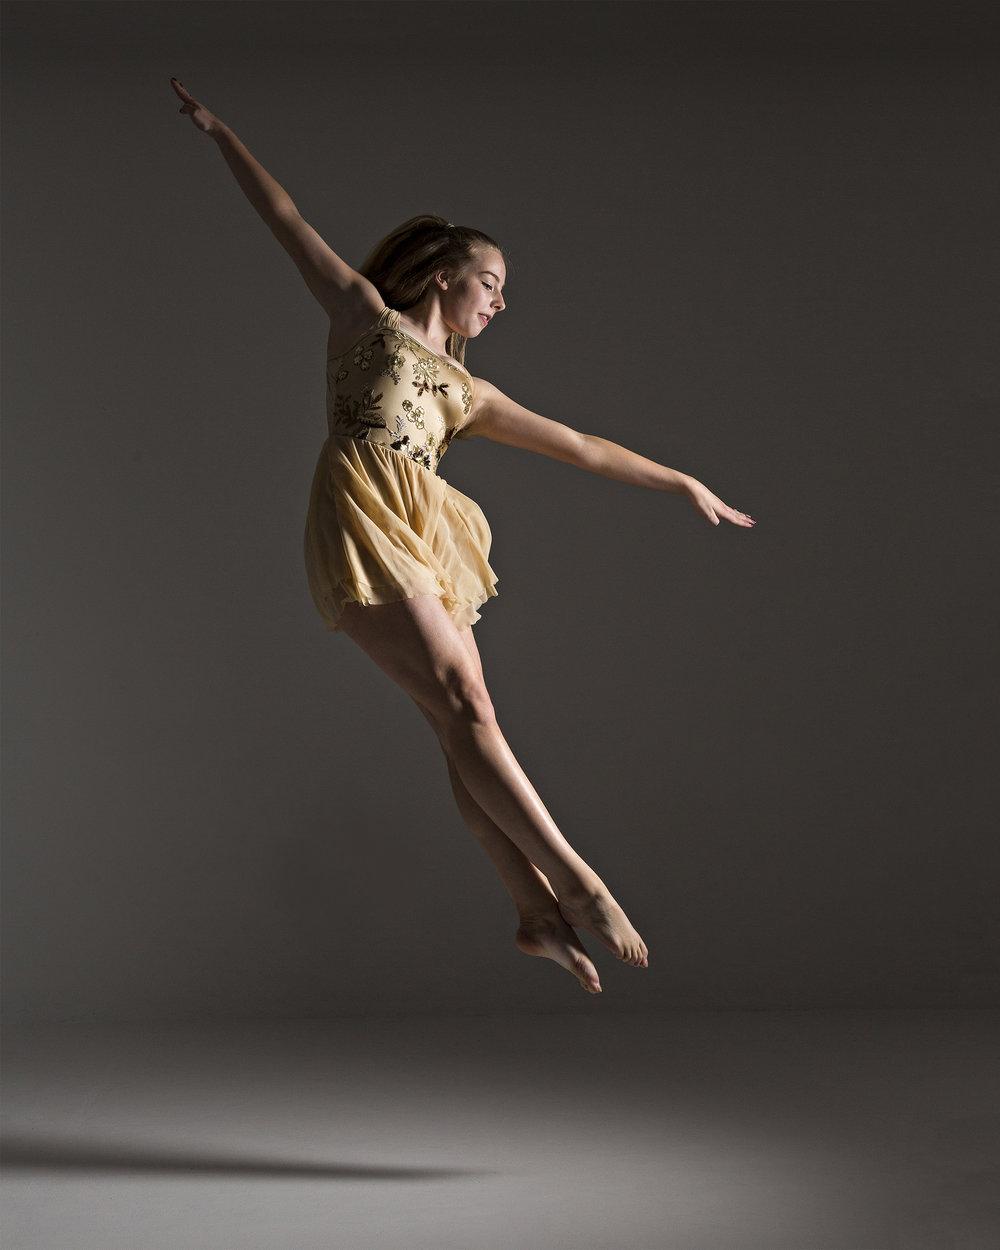 MB_dancers_Jacqueline011.jpg